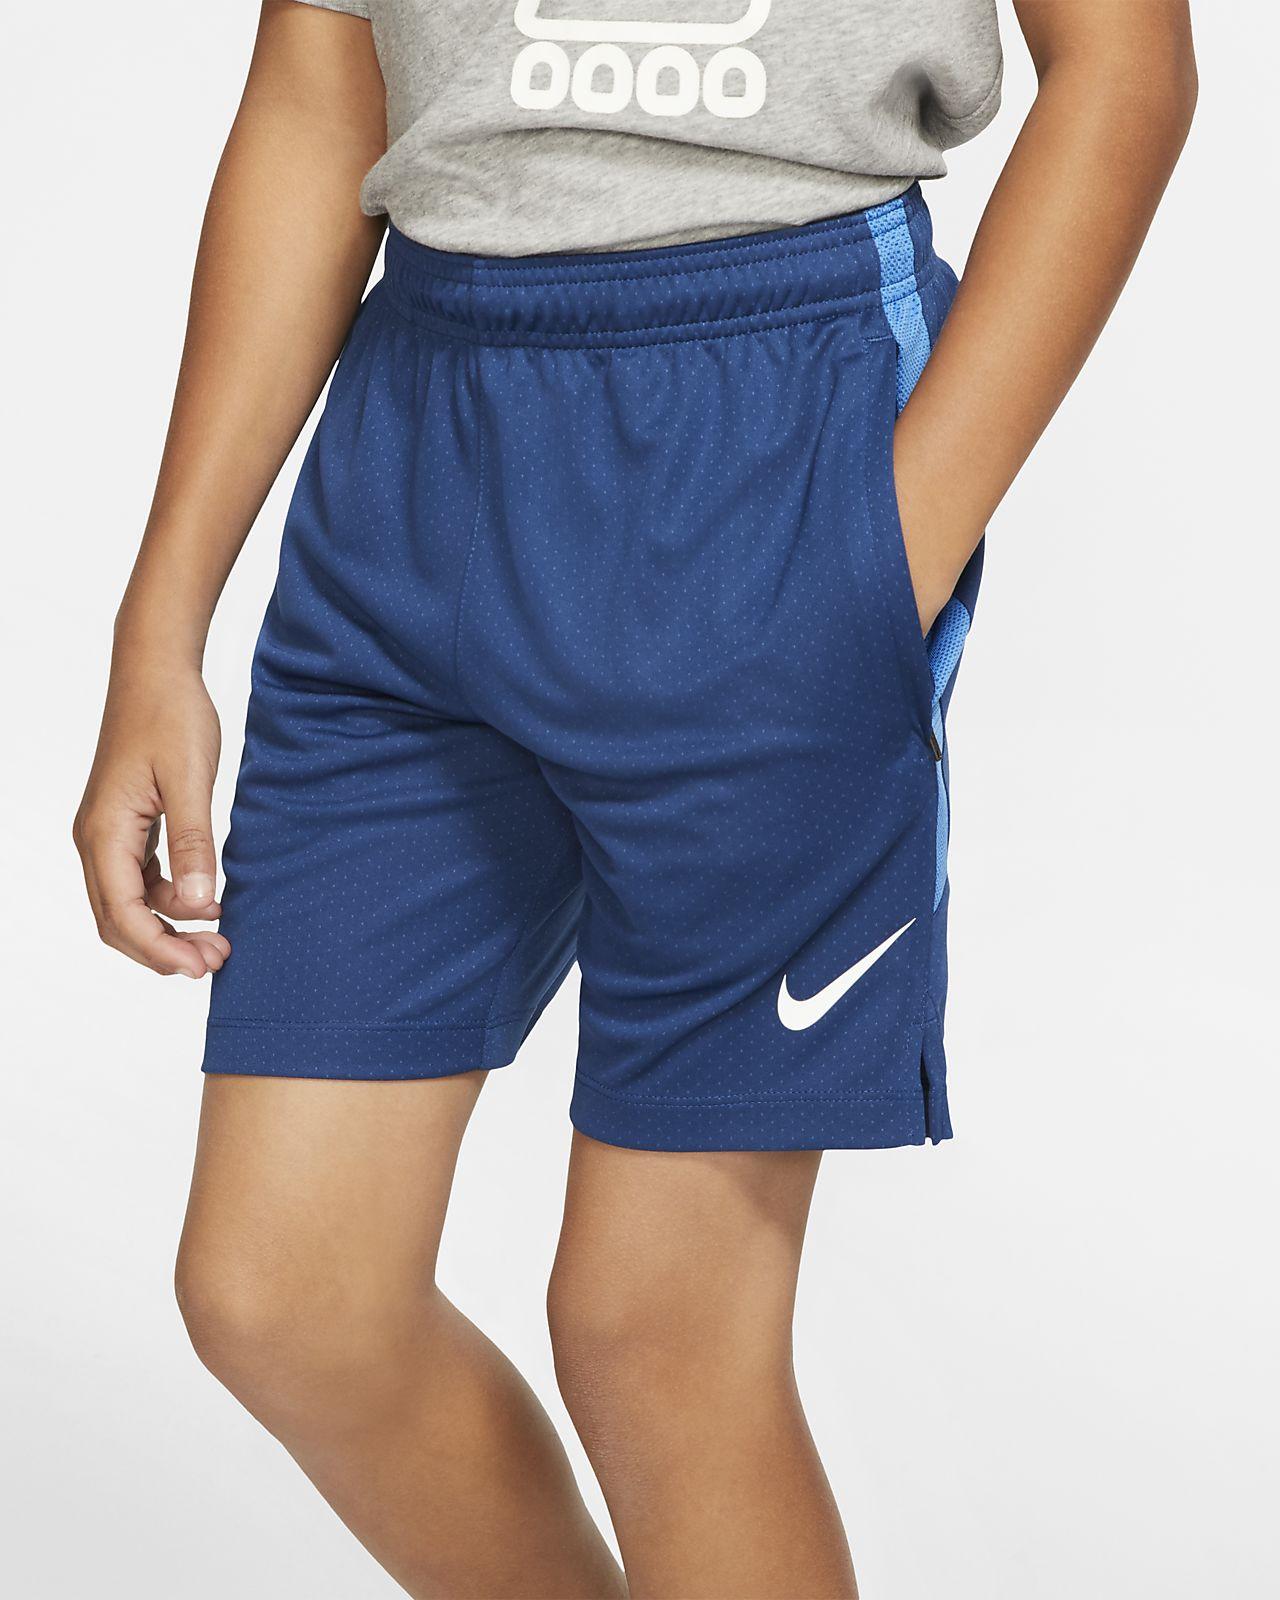 Calções de futebol Nike Dri-FIT Strike Júnior